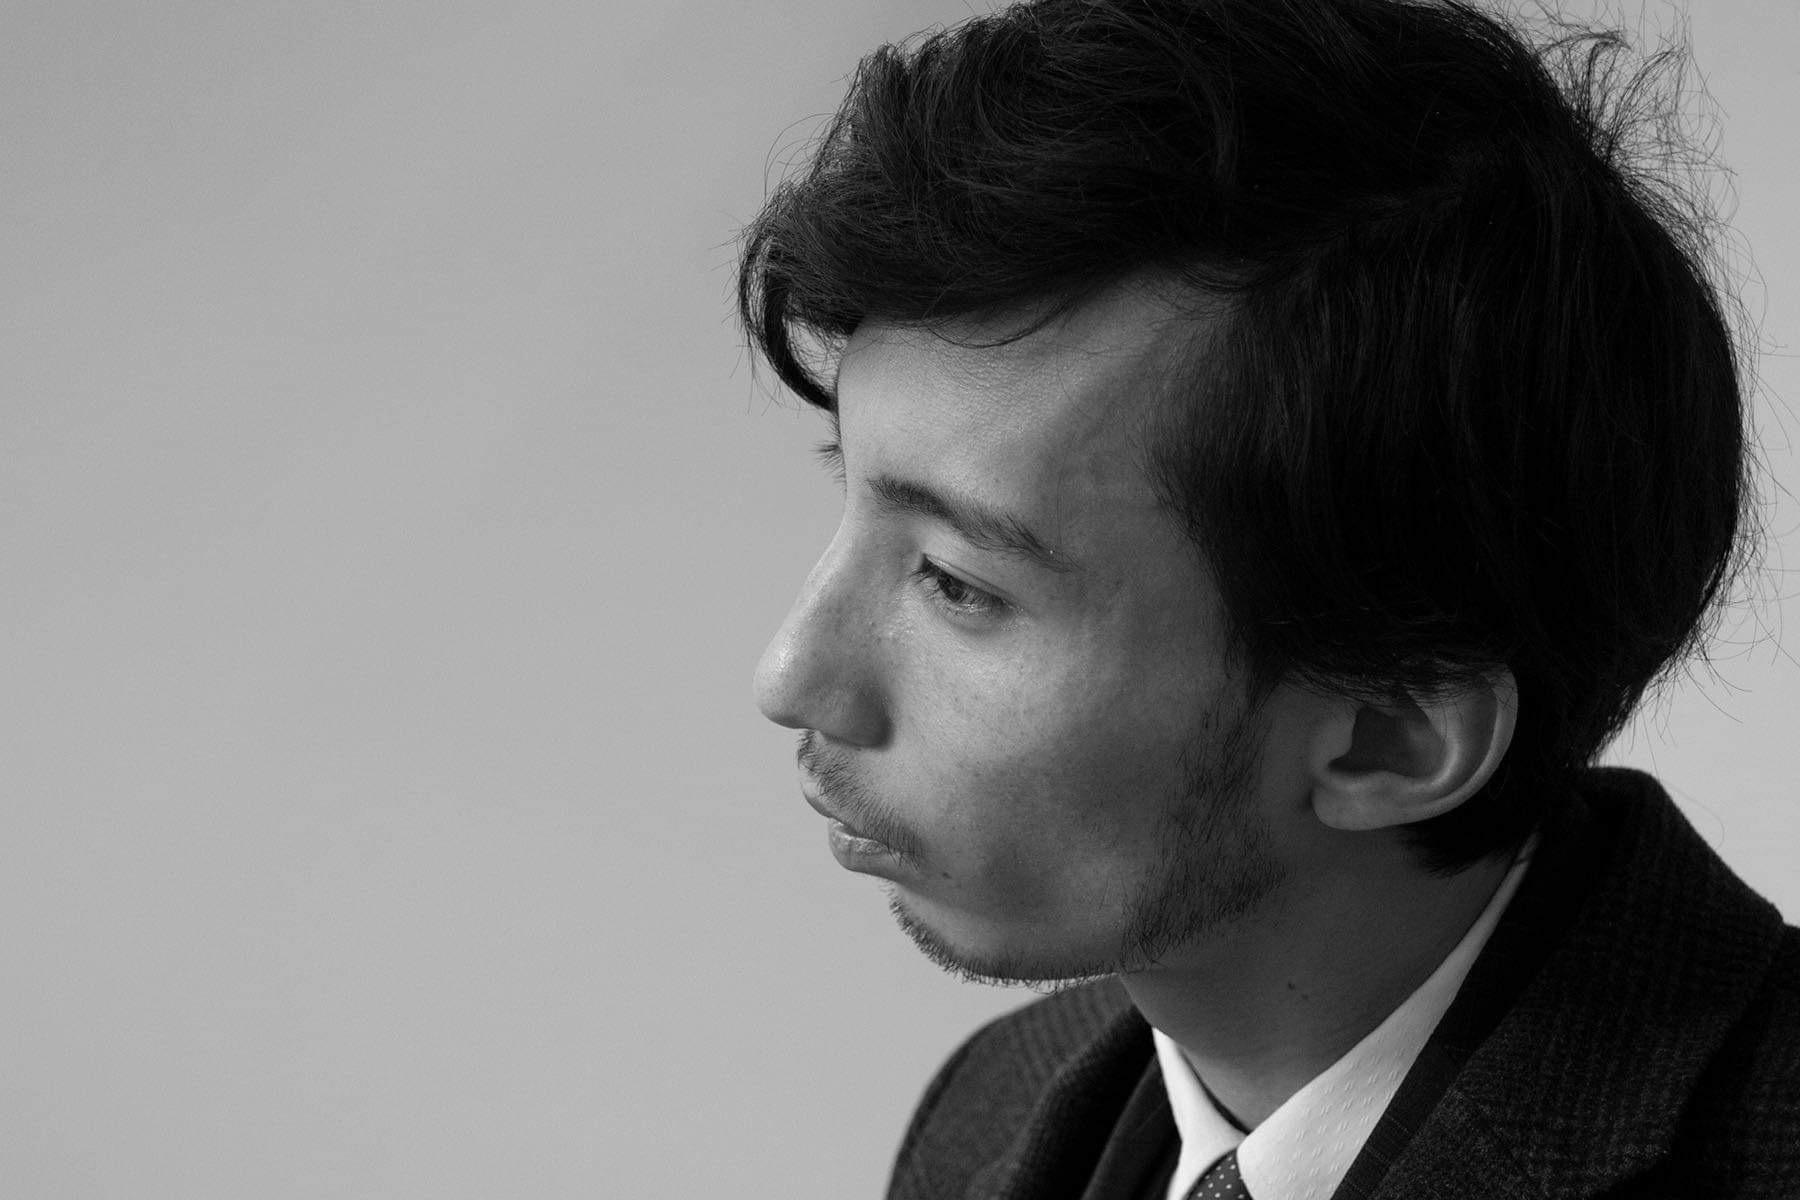 長崎オープンイノベーション拠点のラウンジNOVE画像